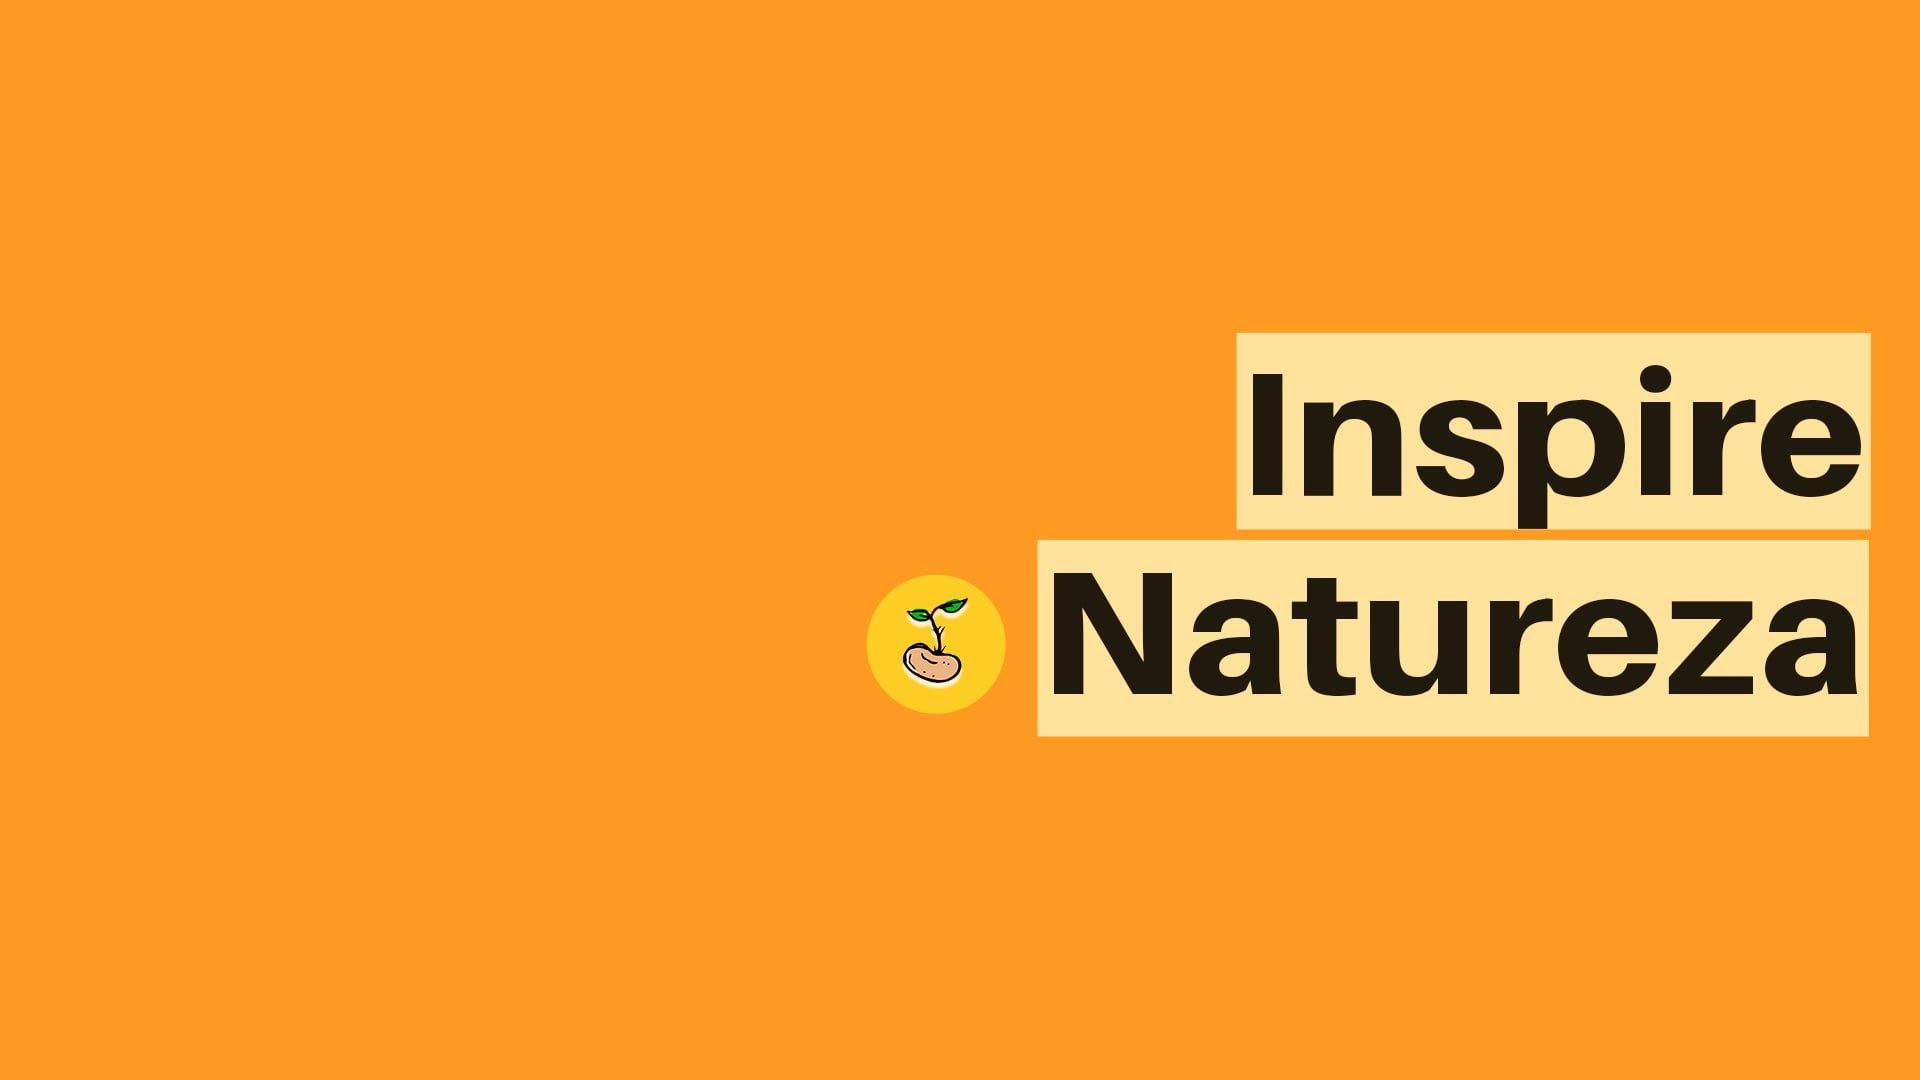 Inspire Natureza